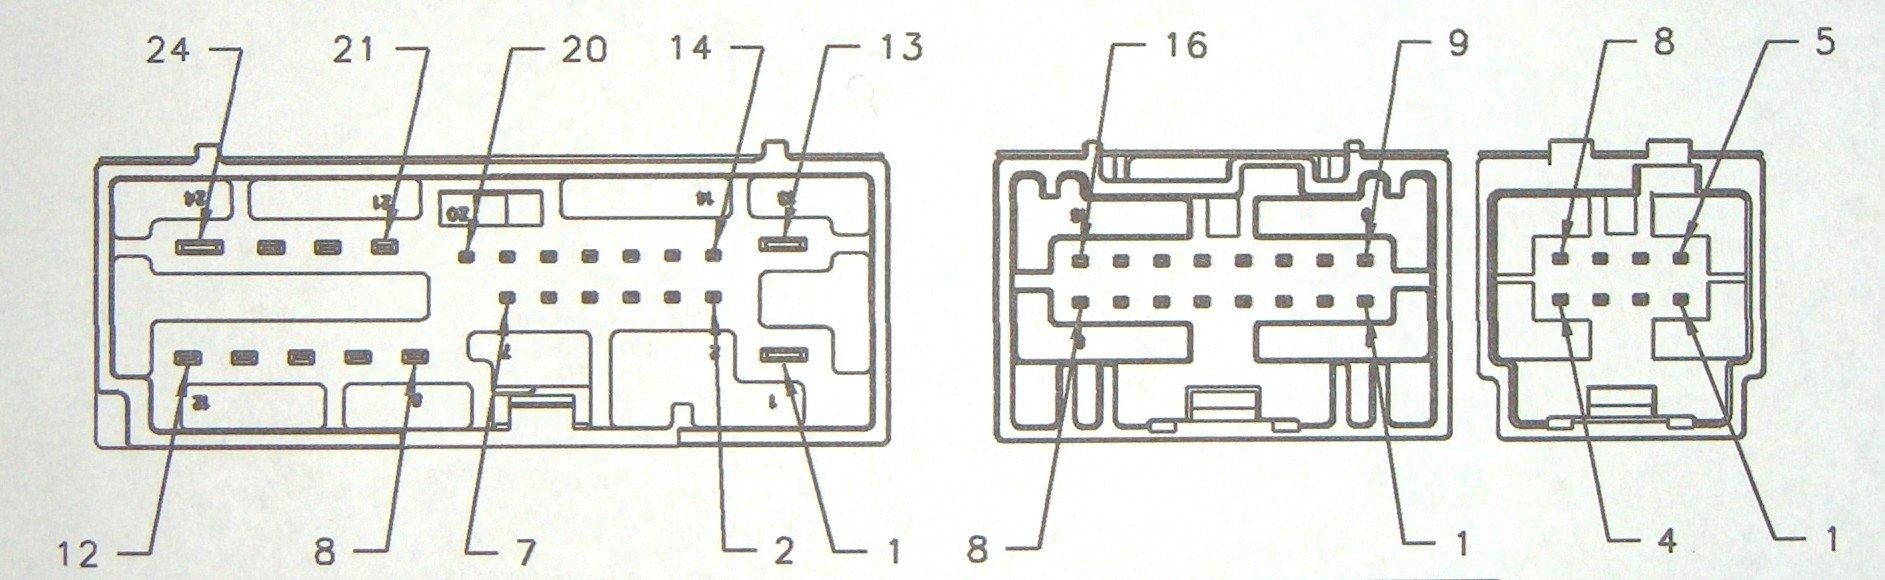 AG_7084] 2008 Ford F 150 Radio Wiring Diagram Free DiagramArnes Swas Hylec Gritea Epsy Vira Mohammedshrine Librar Wiring 101